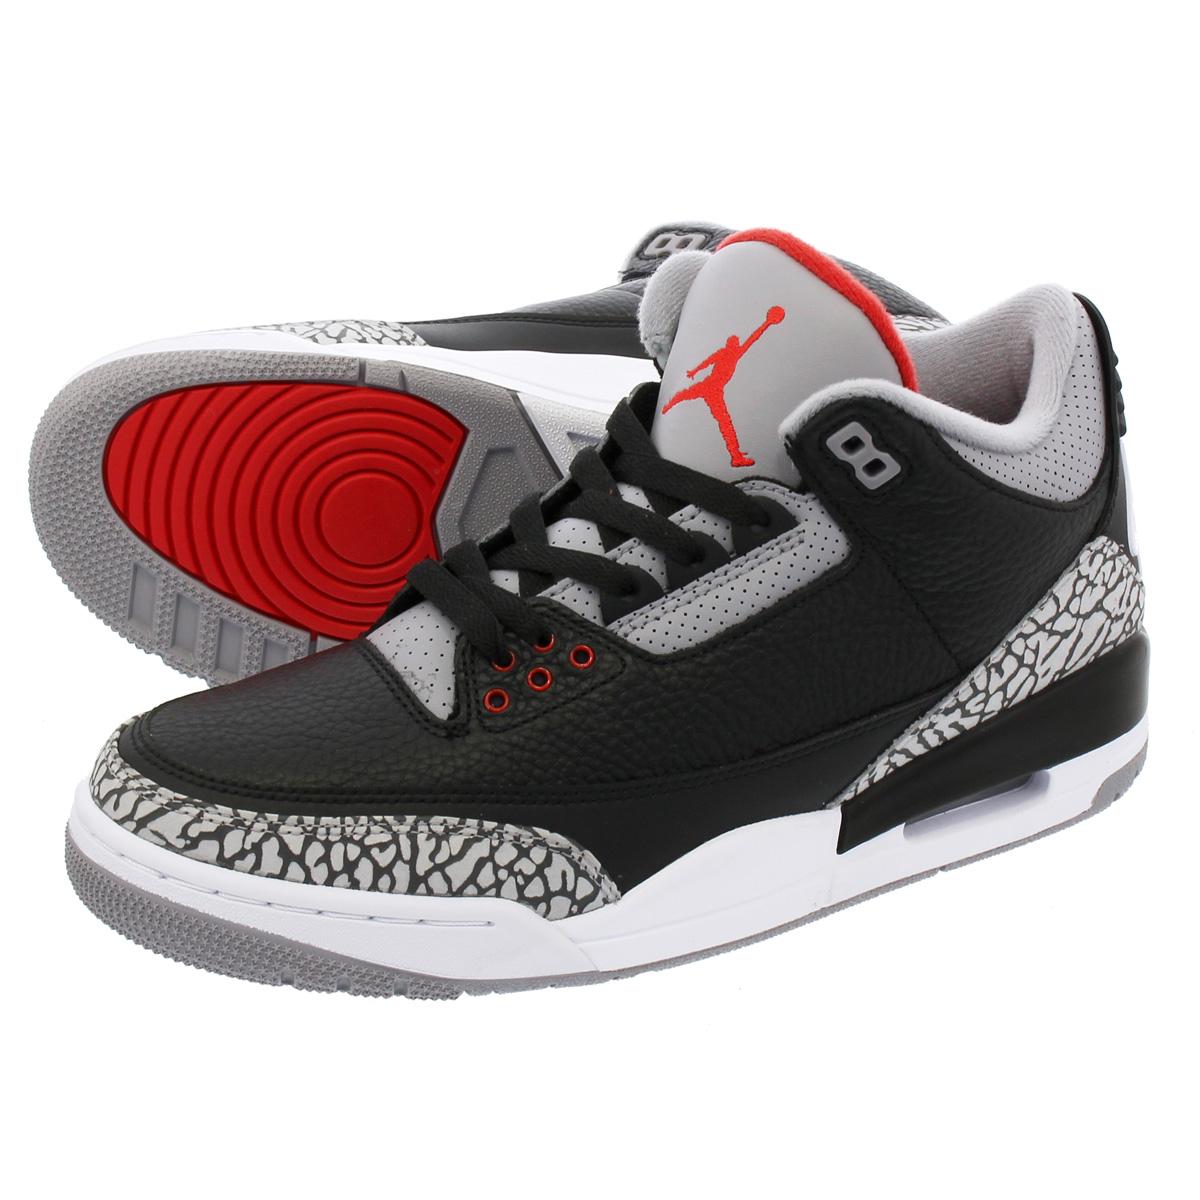 052807501f76ca NIKE AIR JORDAN 3 RETRO OG Nike Air Jordan 3 nostalgic OG BLACK FIRE RED CEMENT  GREY WHITE